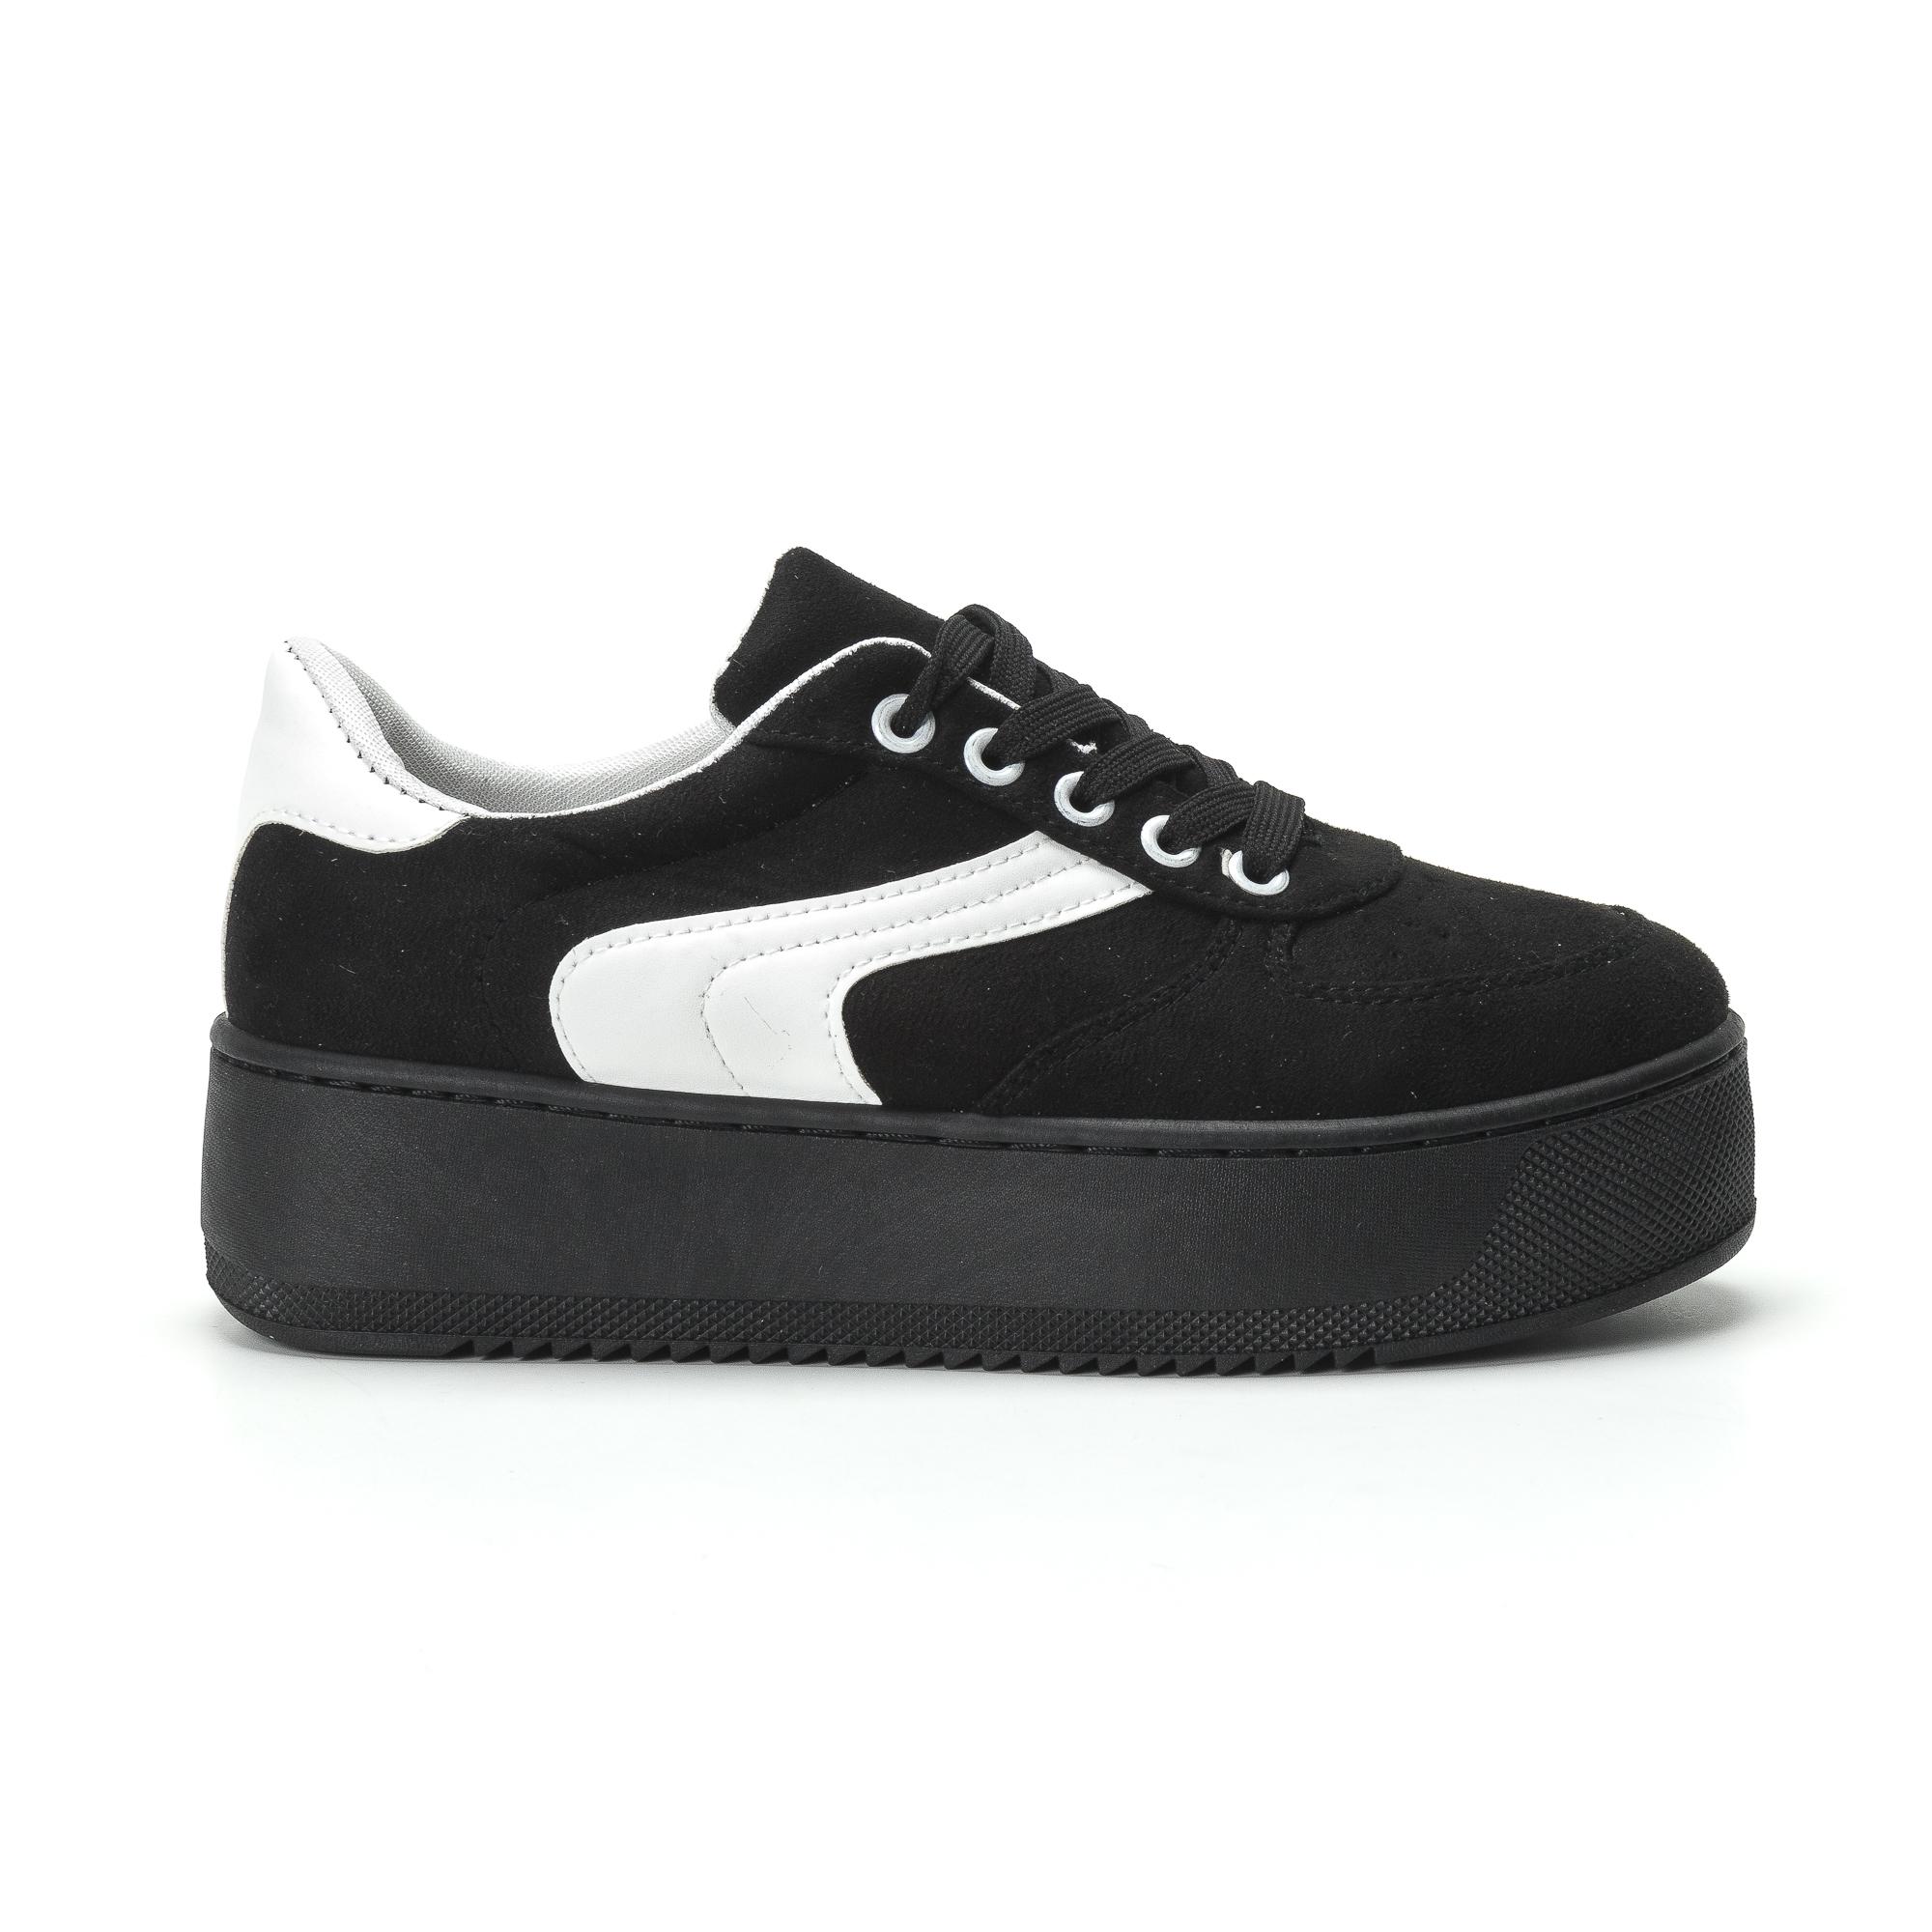 Γυναικεία μαύρα σουέτ sneakers με πλατφόρμα 70115 ⋆ EliteShoes.gr caa362d852f